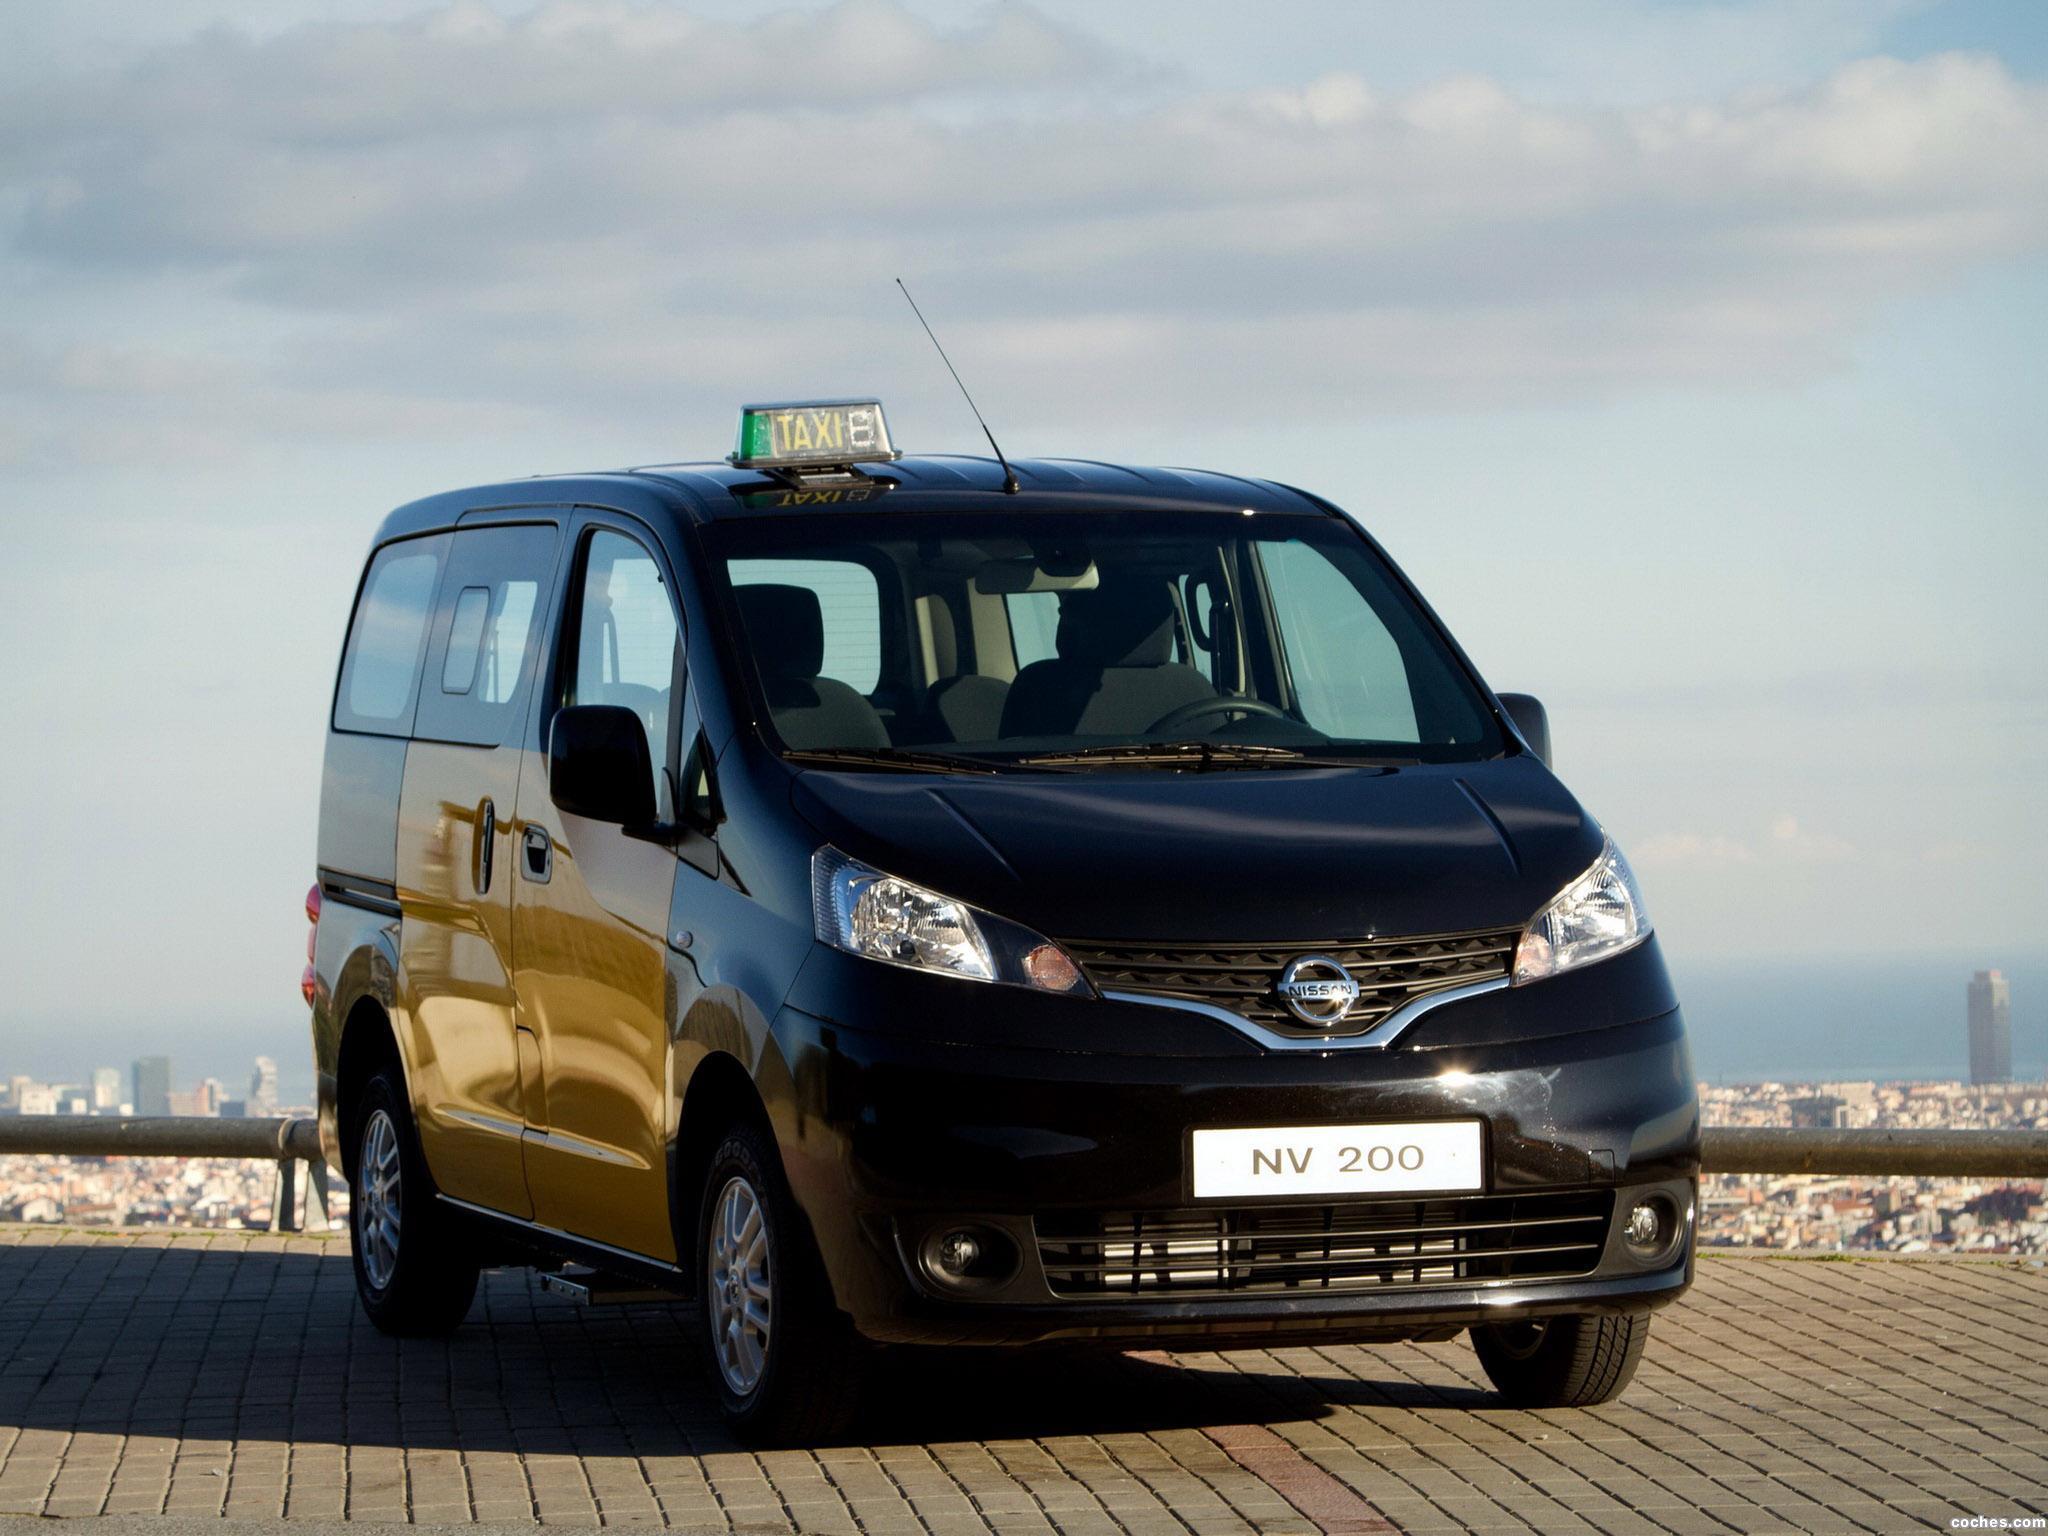 Foto 1 de Nissan NV200 Taxi 2012